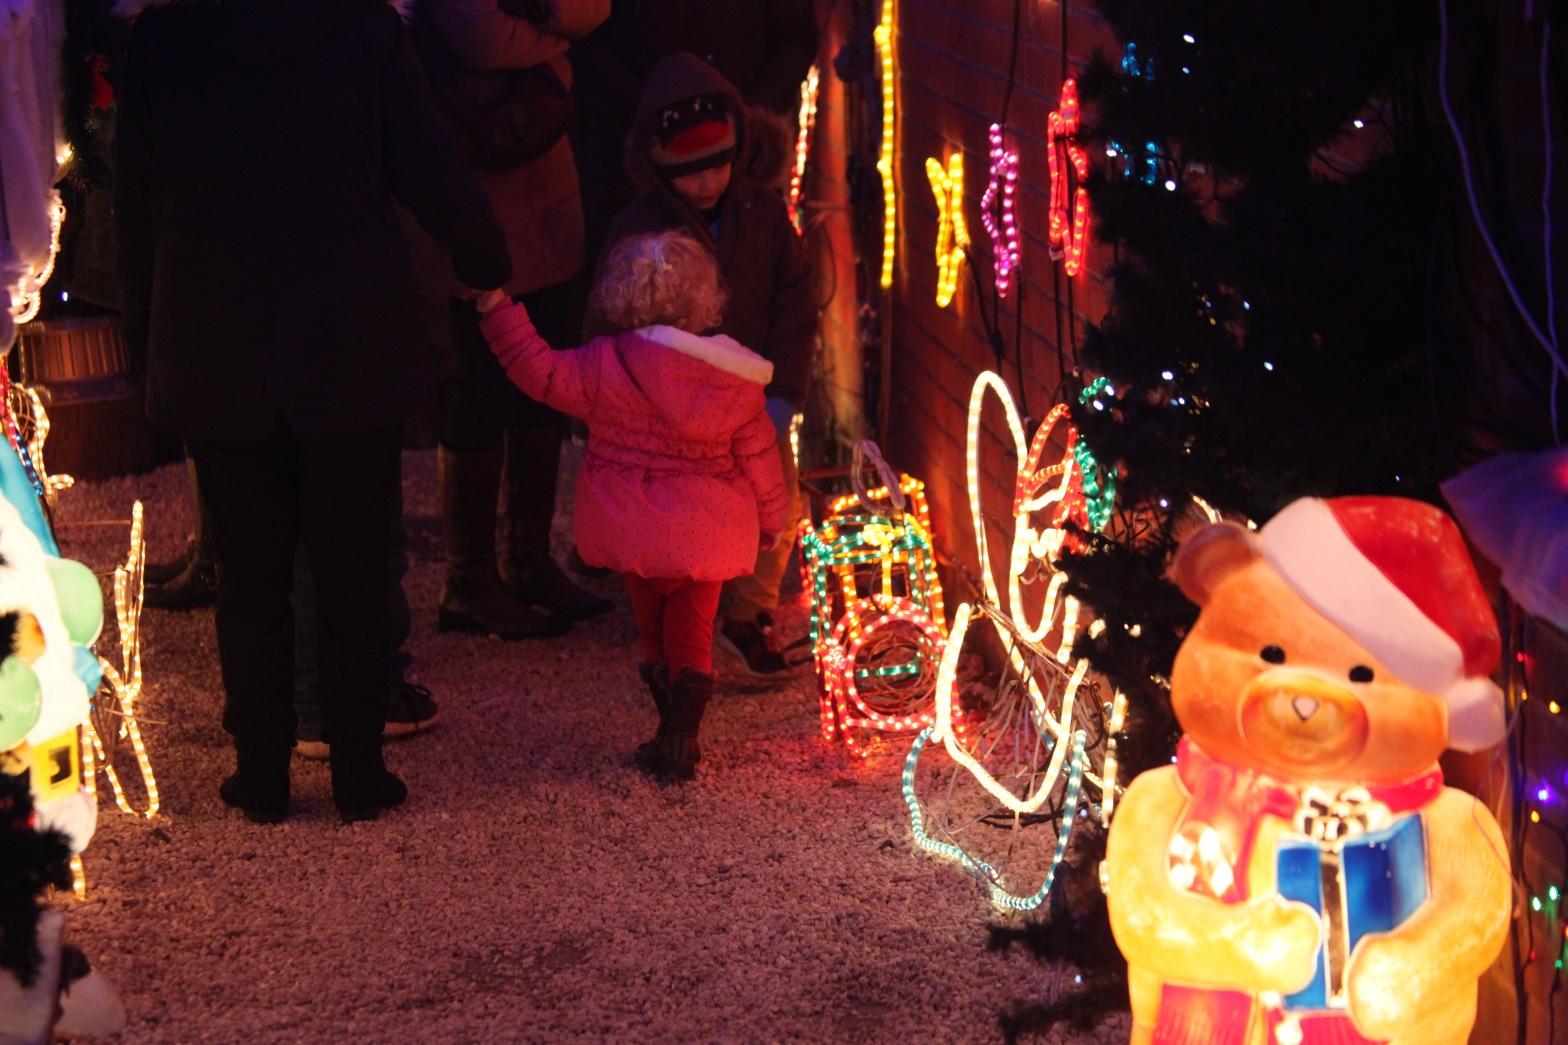 Child at Christmas lights 1